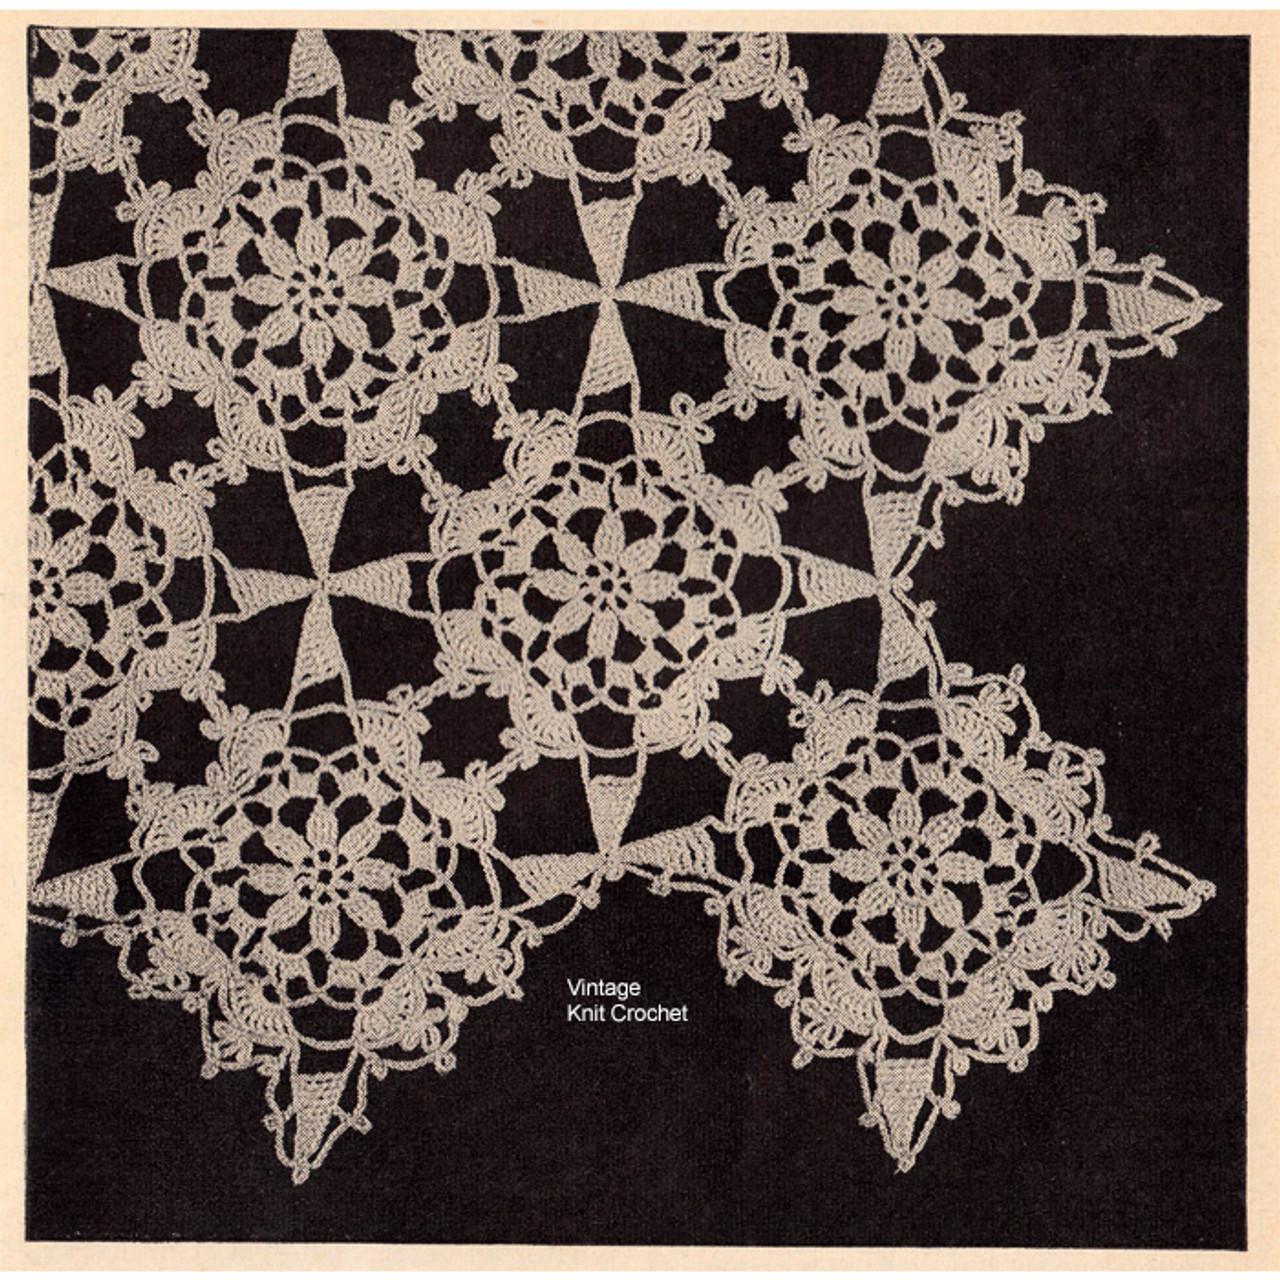 Vintage Flower Crocheted Square Pattern, Vintage Workbasket